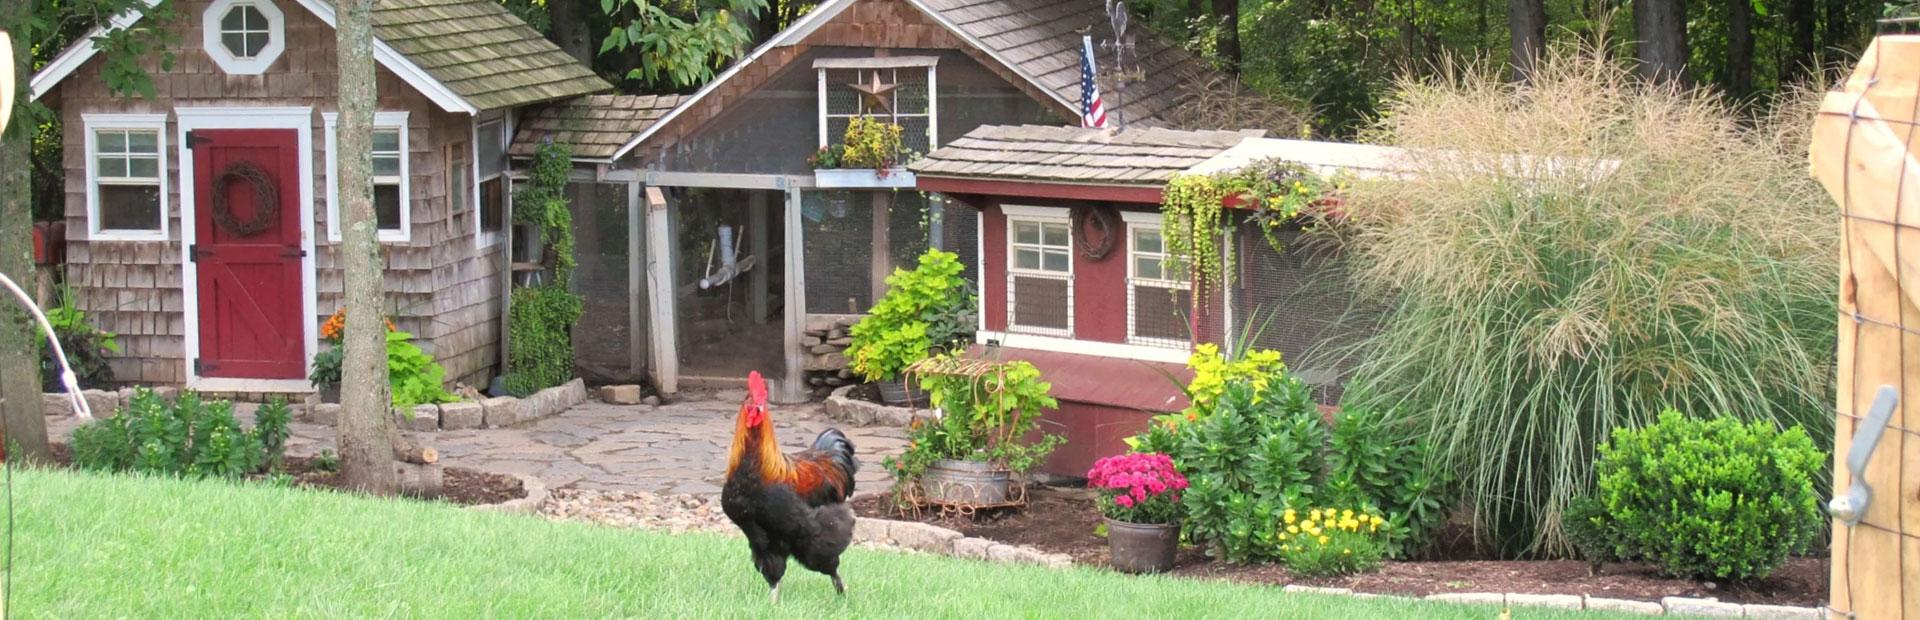 raising-chickens-slider.jpg